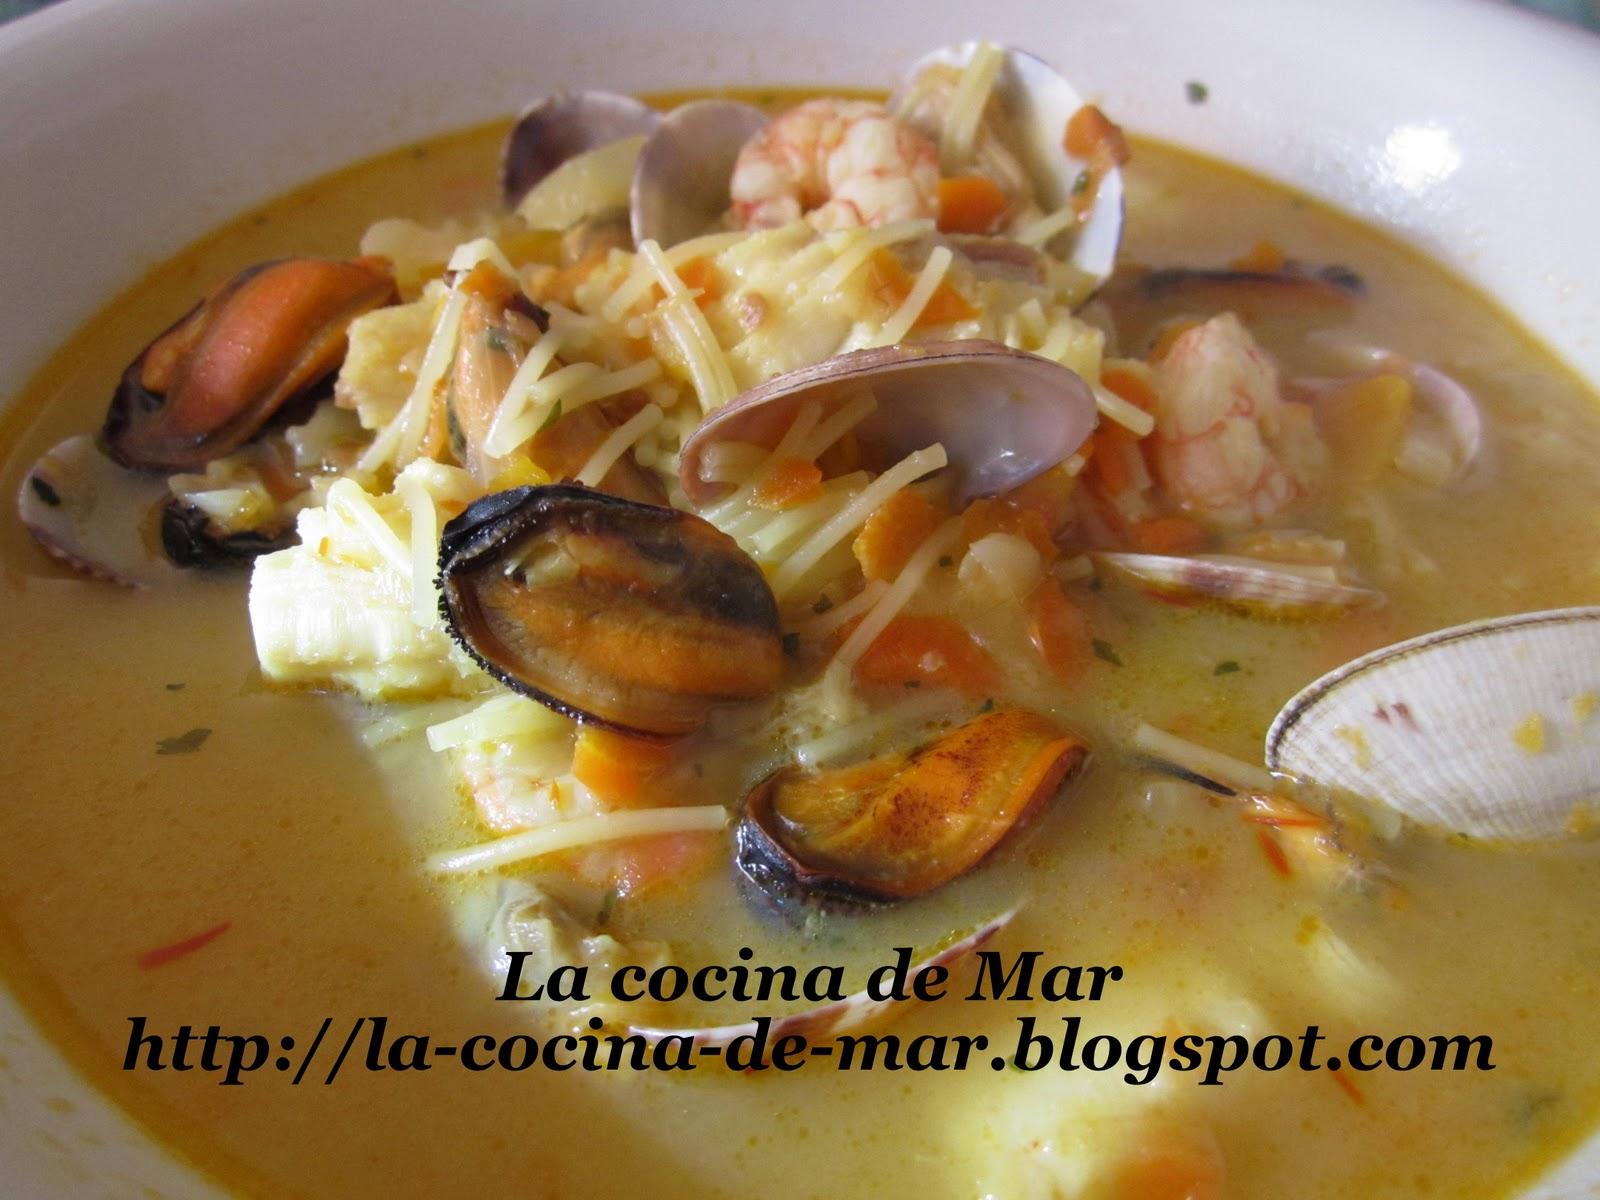 La cocina de mar sopa de pescado y marisco - Cocinar pescado congelado ...